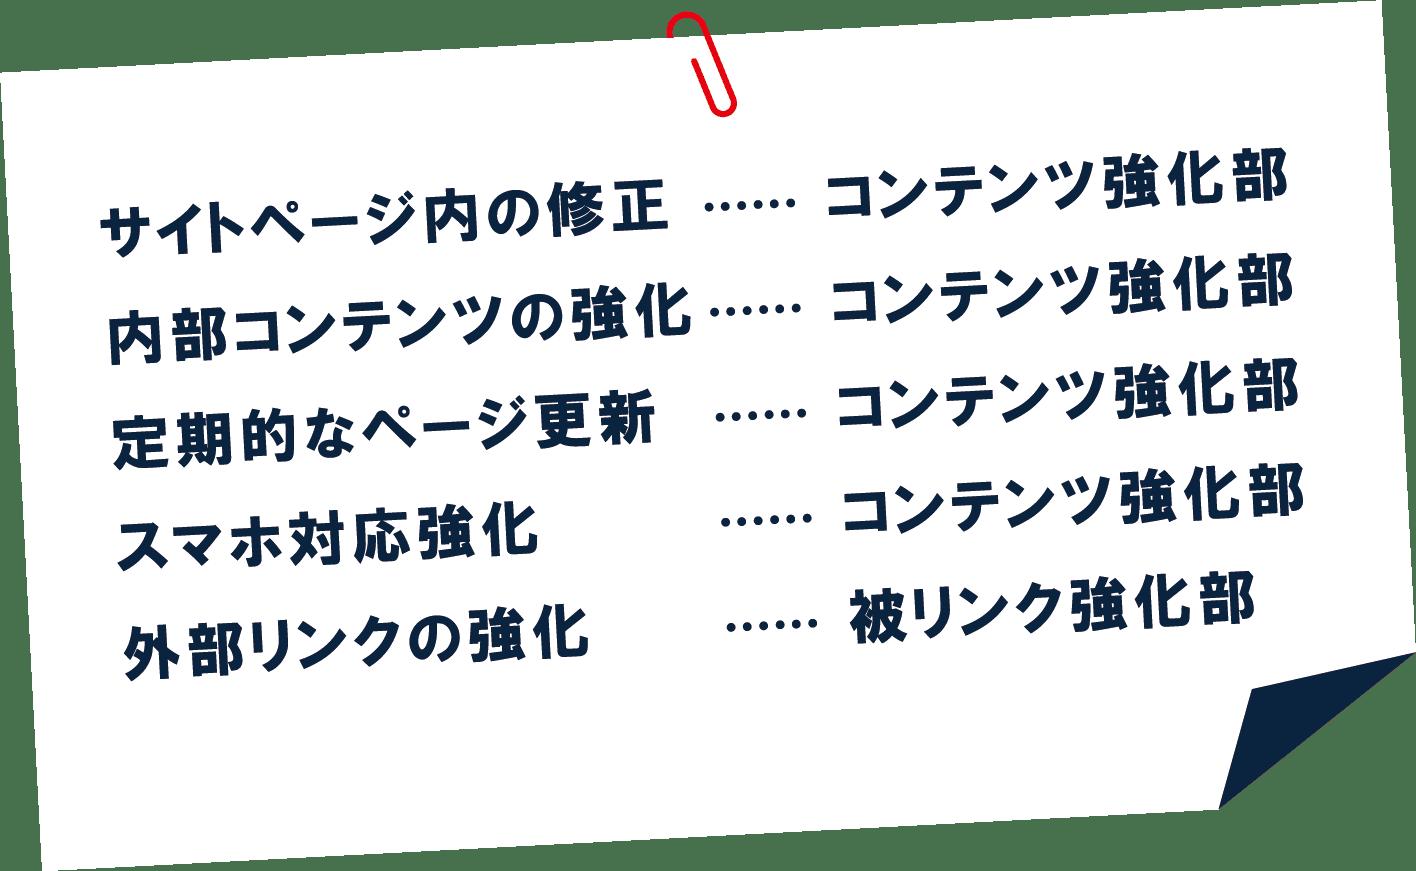 作業内容のイメージ